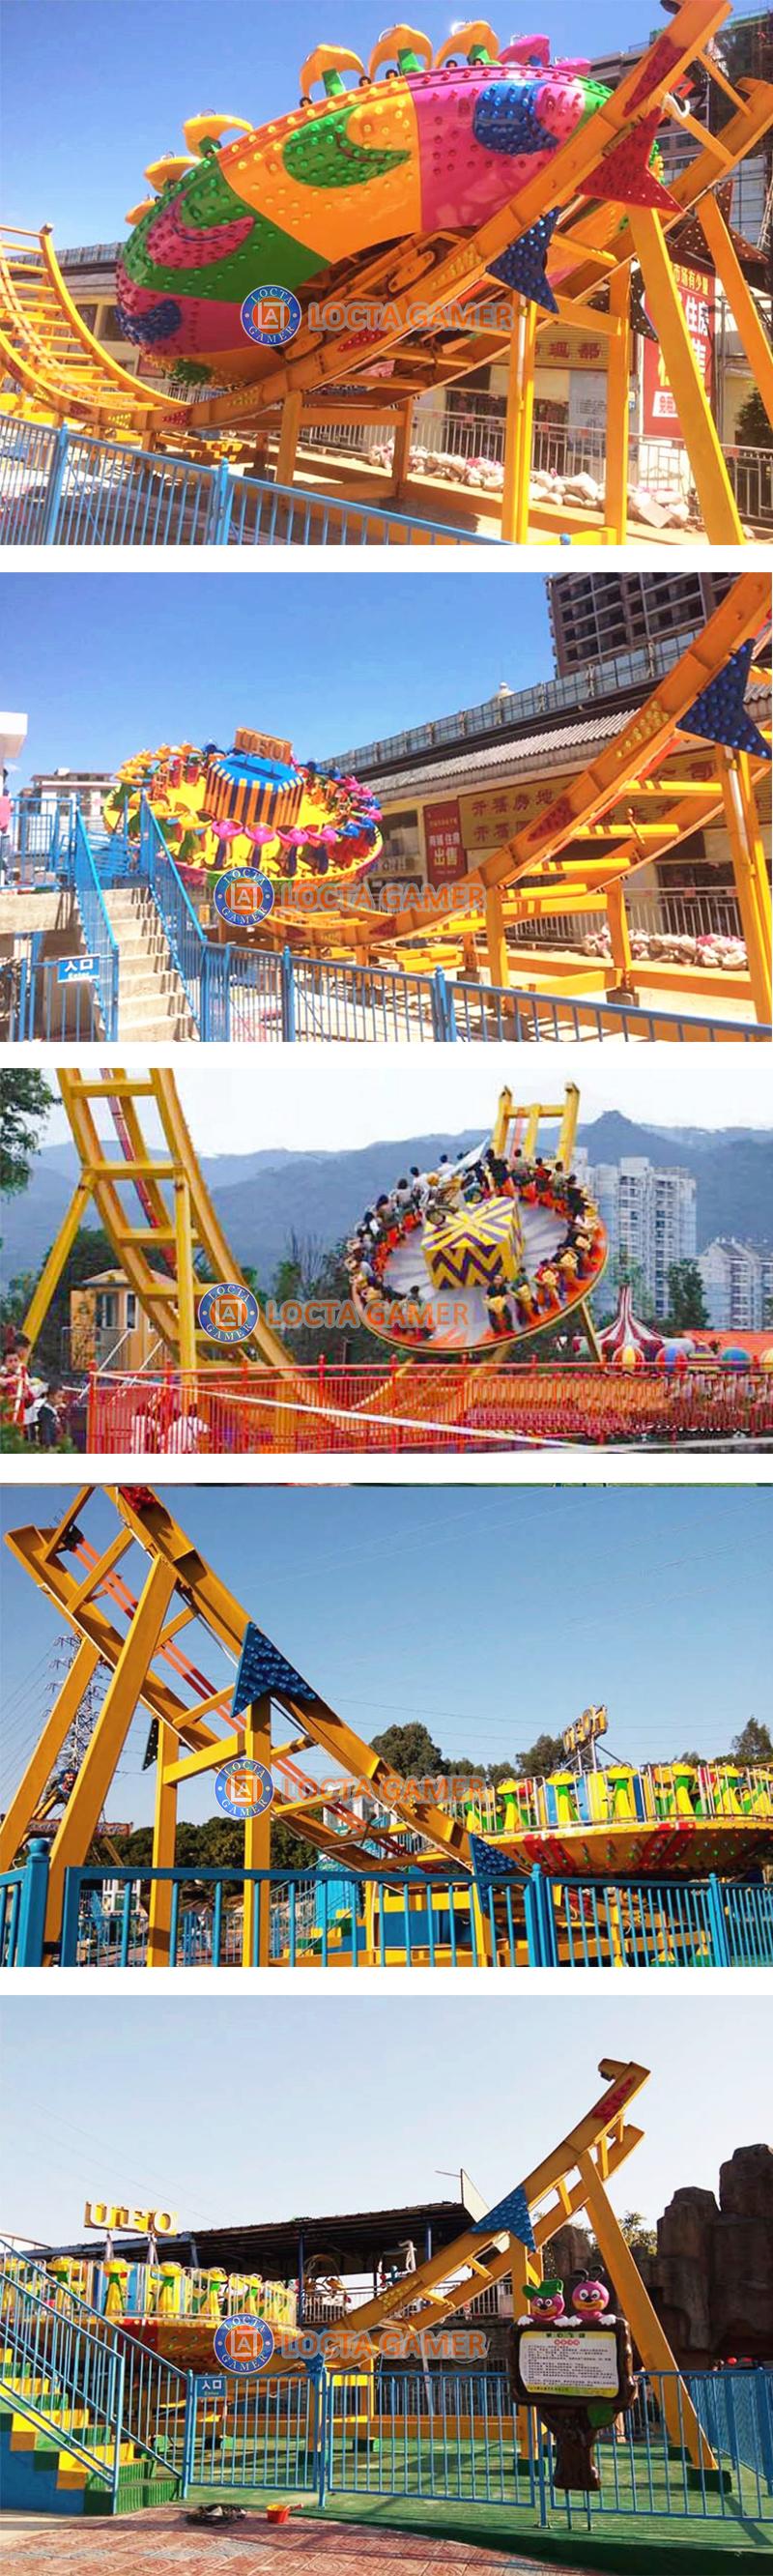 Zhongshan फ्रिसबी सवारी उड़ान यूएफओ परिक्रामी जादू मोड़ डिस्को के लिए funfair सवारी आनंदोत्सव के खेल मनोरंजन उपकरण